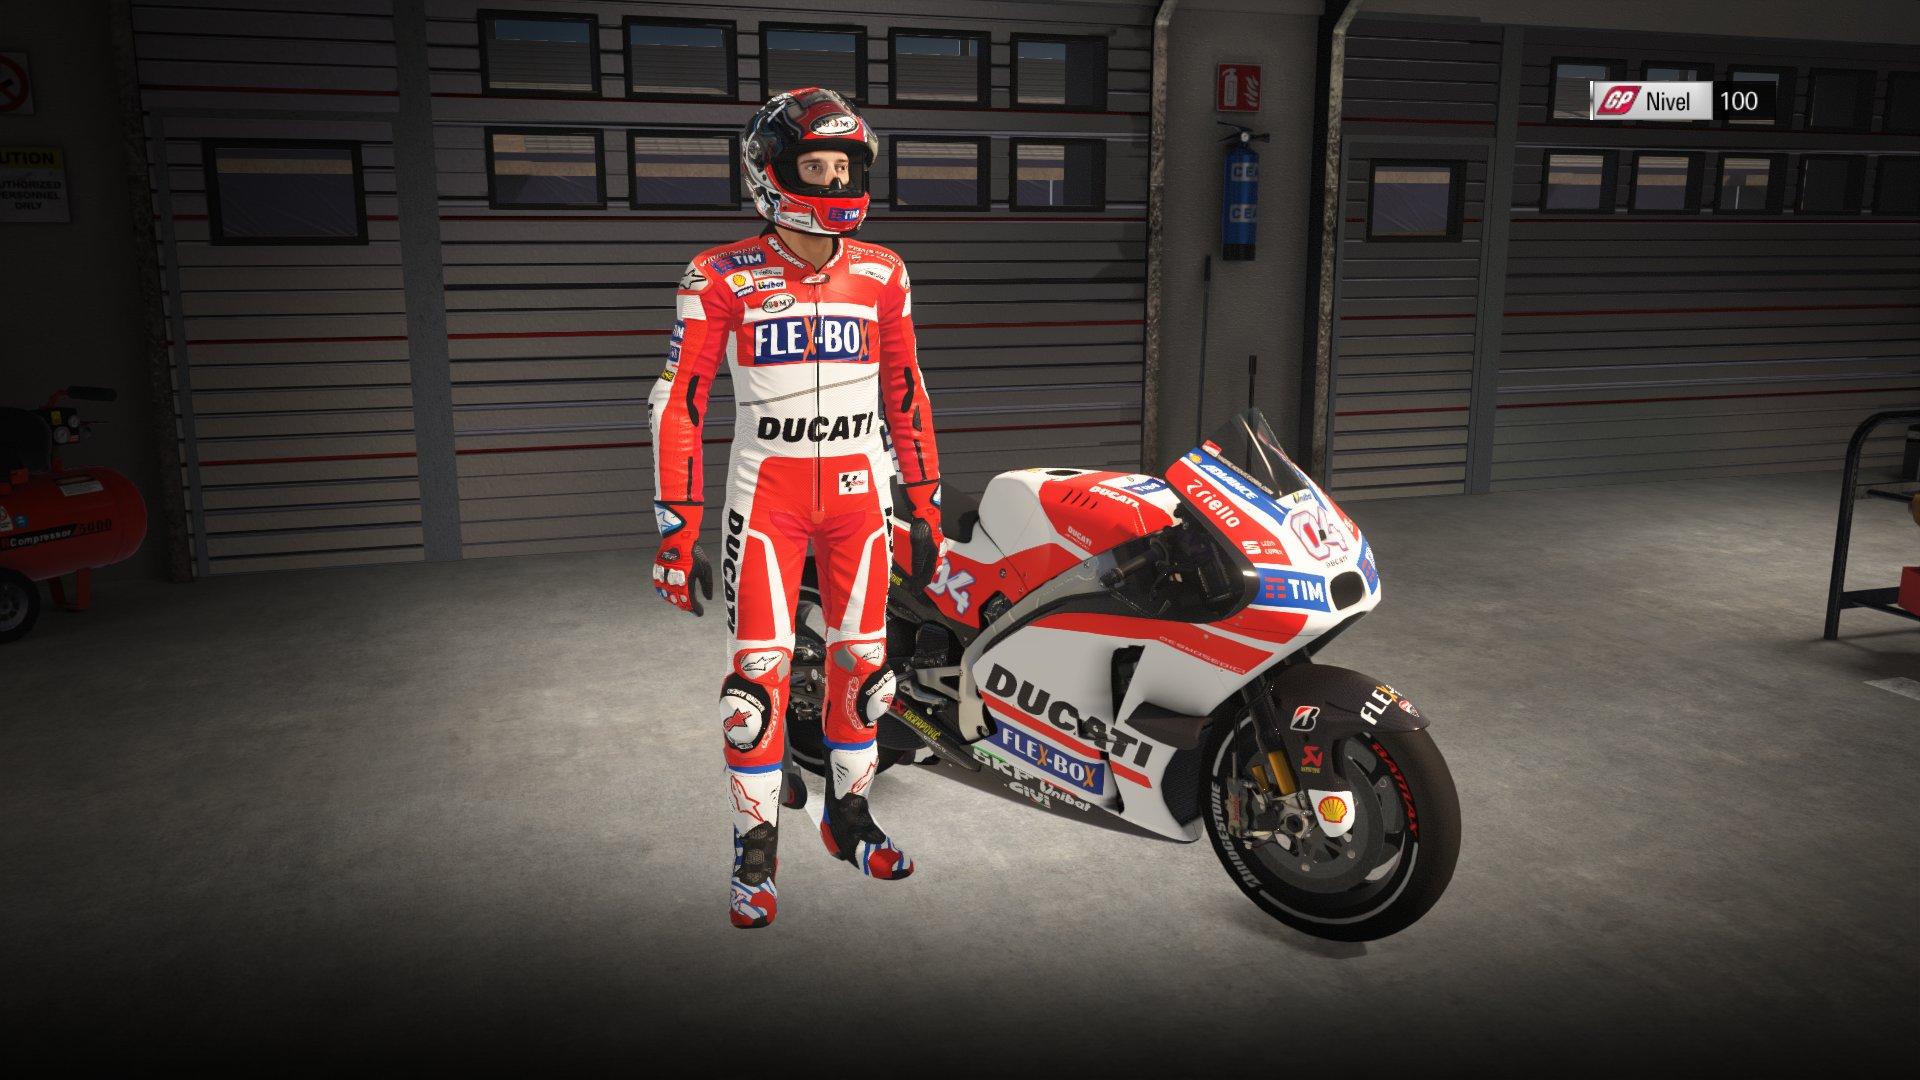 MotoGP15X64_2017-02-02_12-18-26-568.jpg